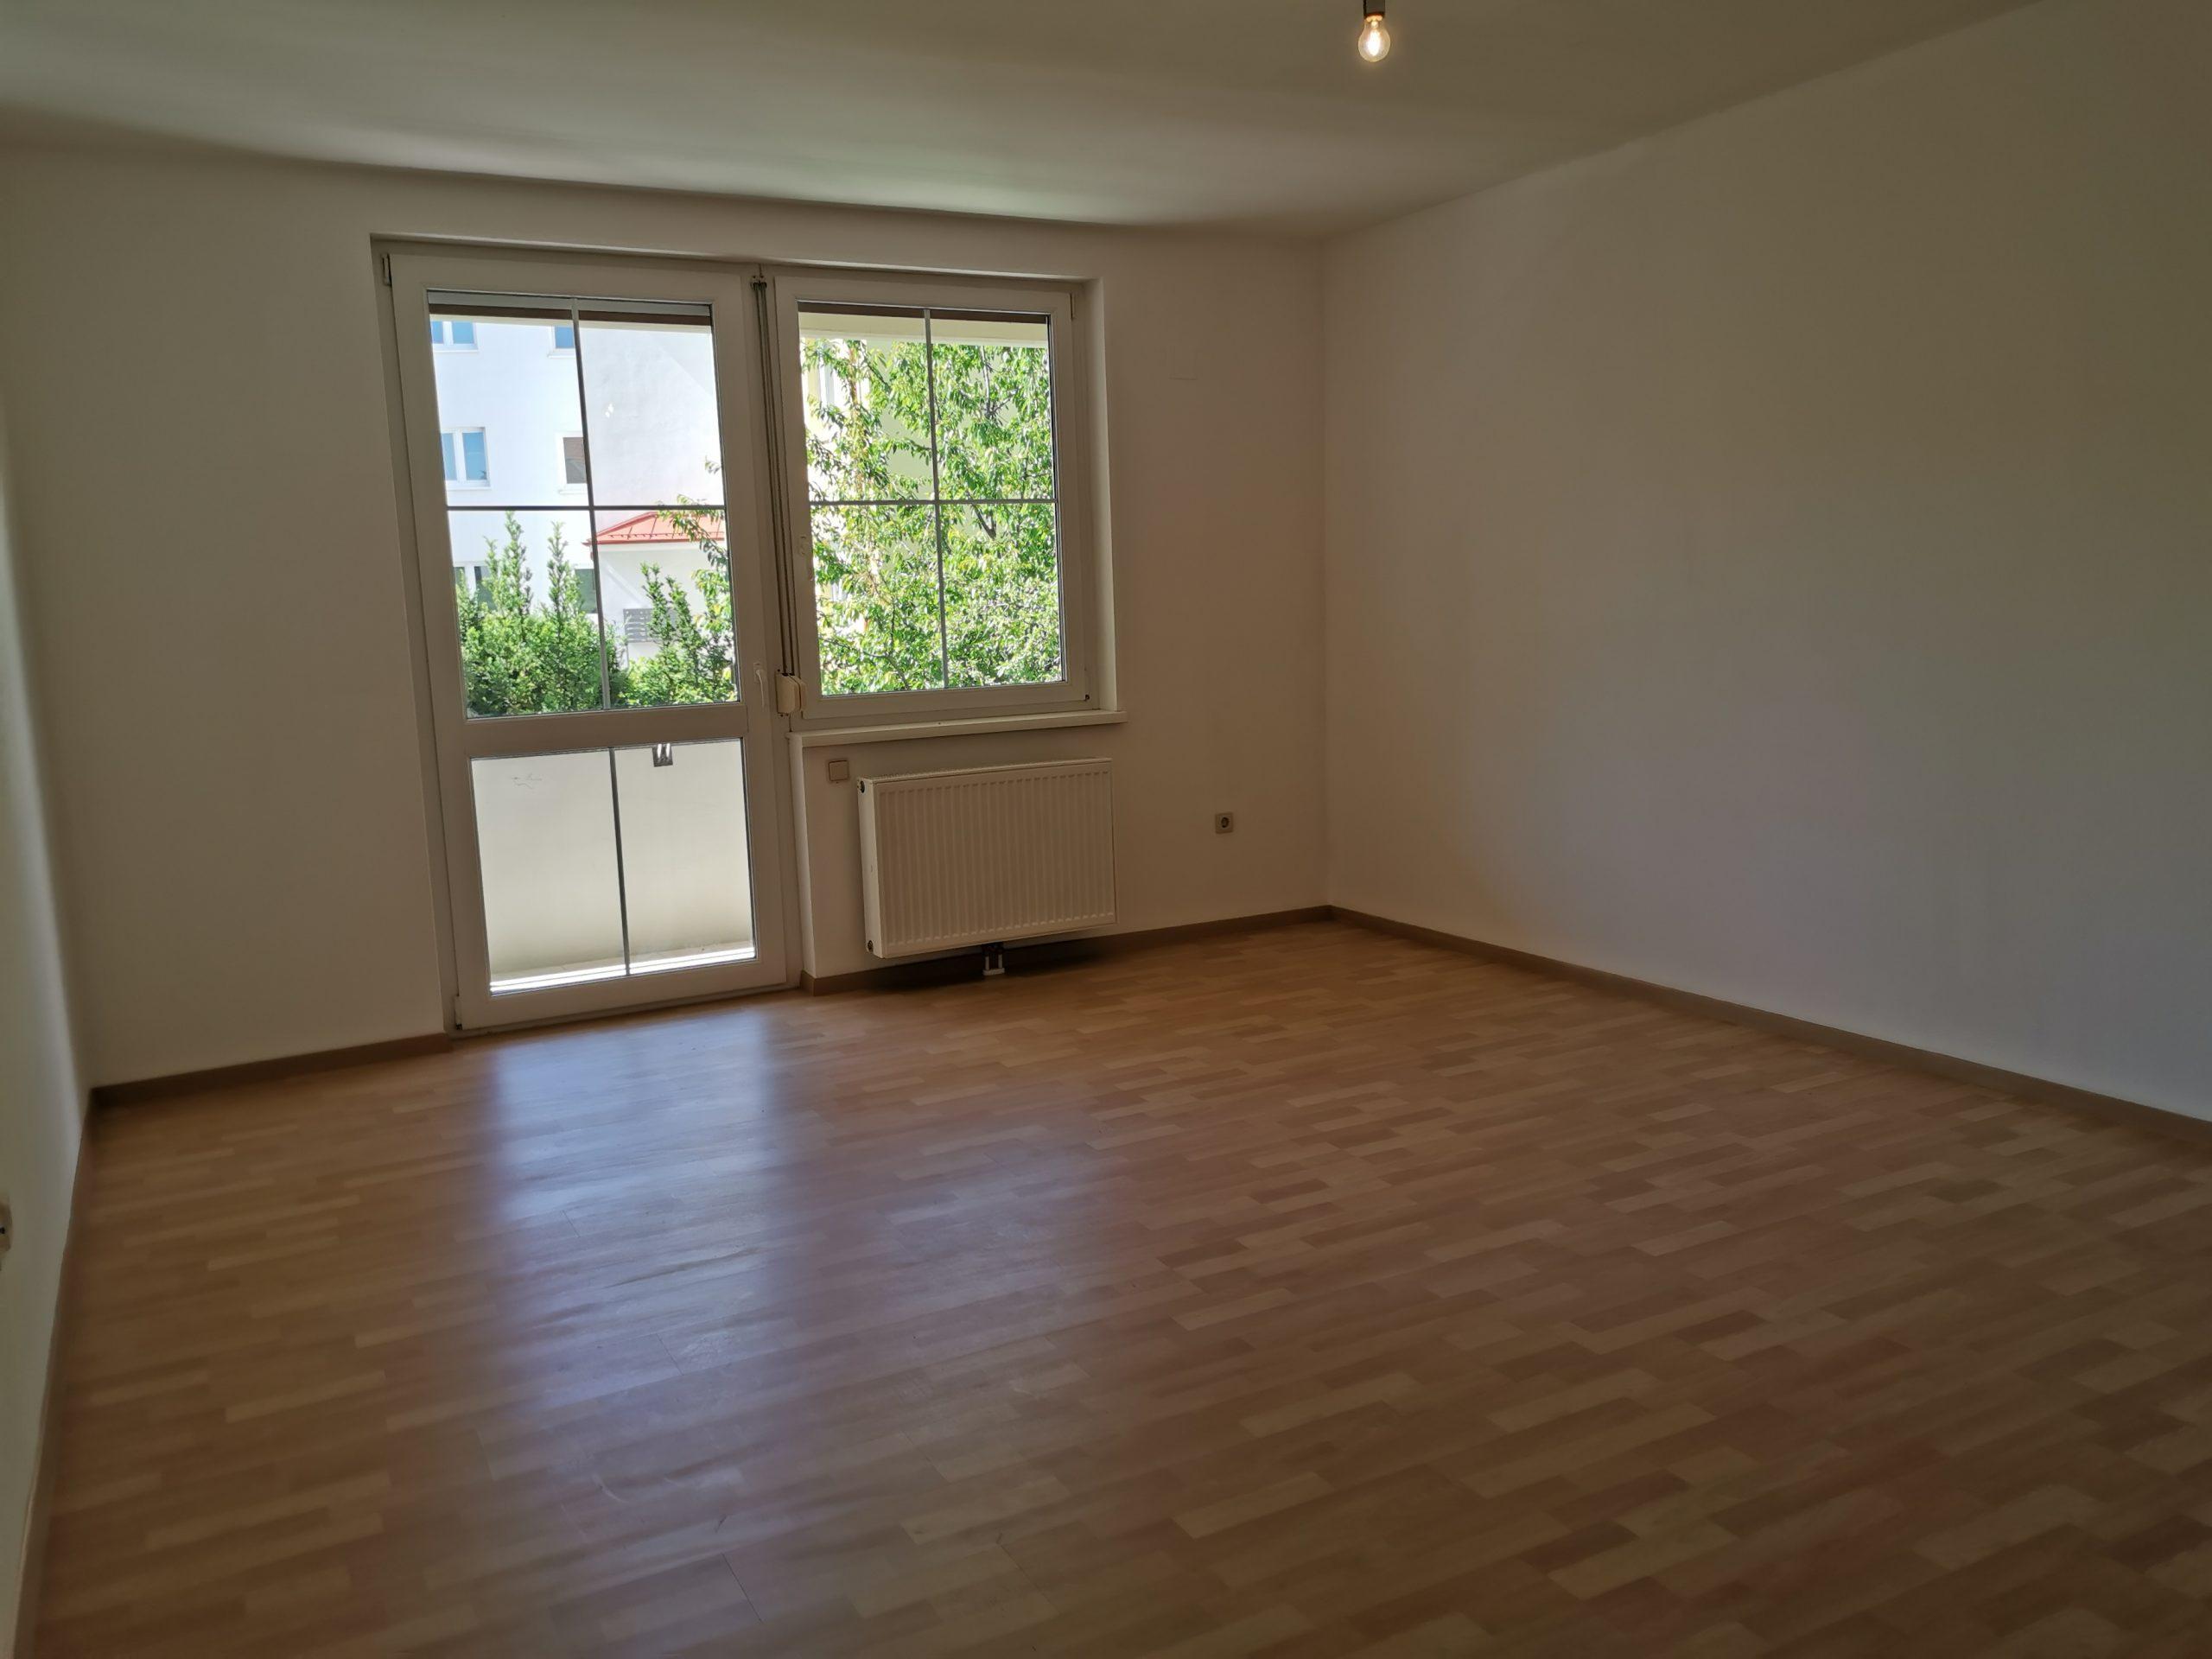 Immobilie von Kamptal in 3730 Eggenburg, Horn, Eggenburg III/4 - Top 6 #0